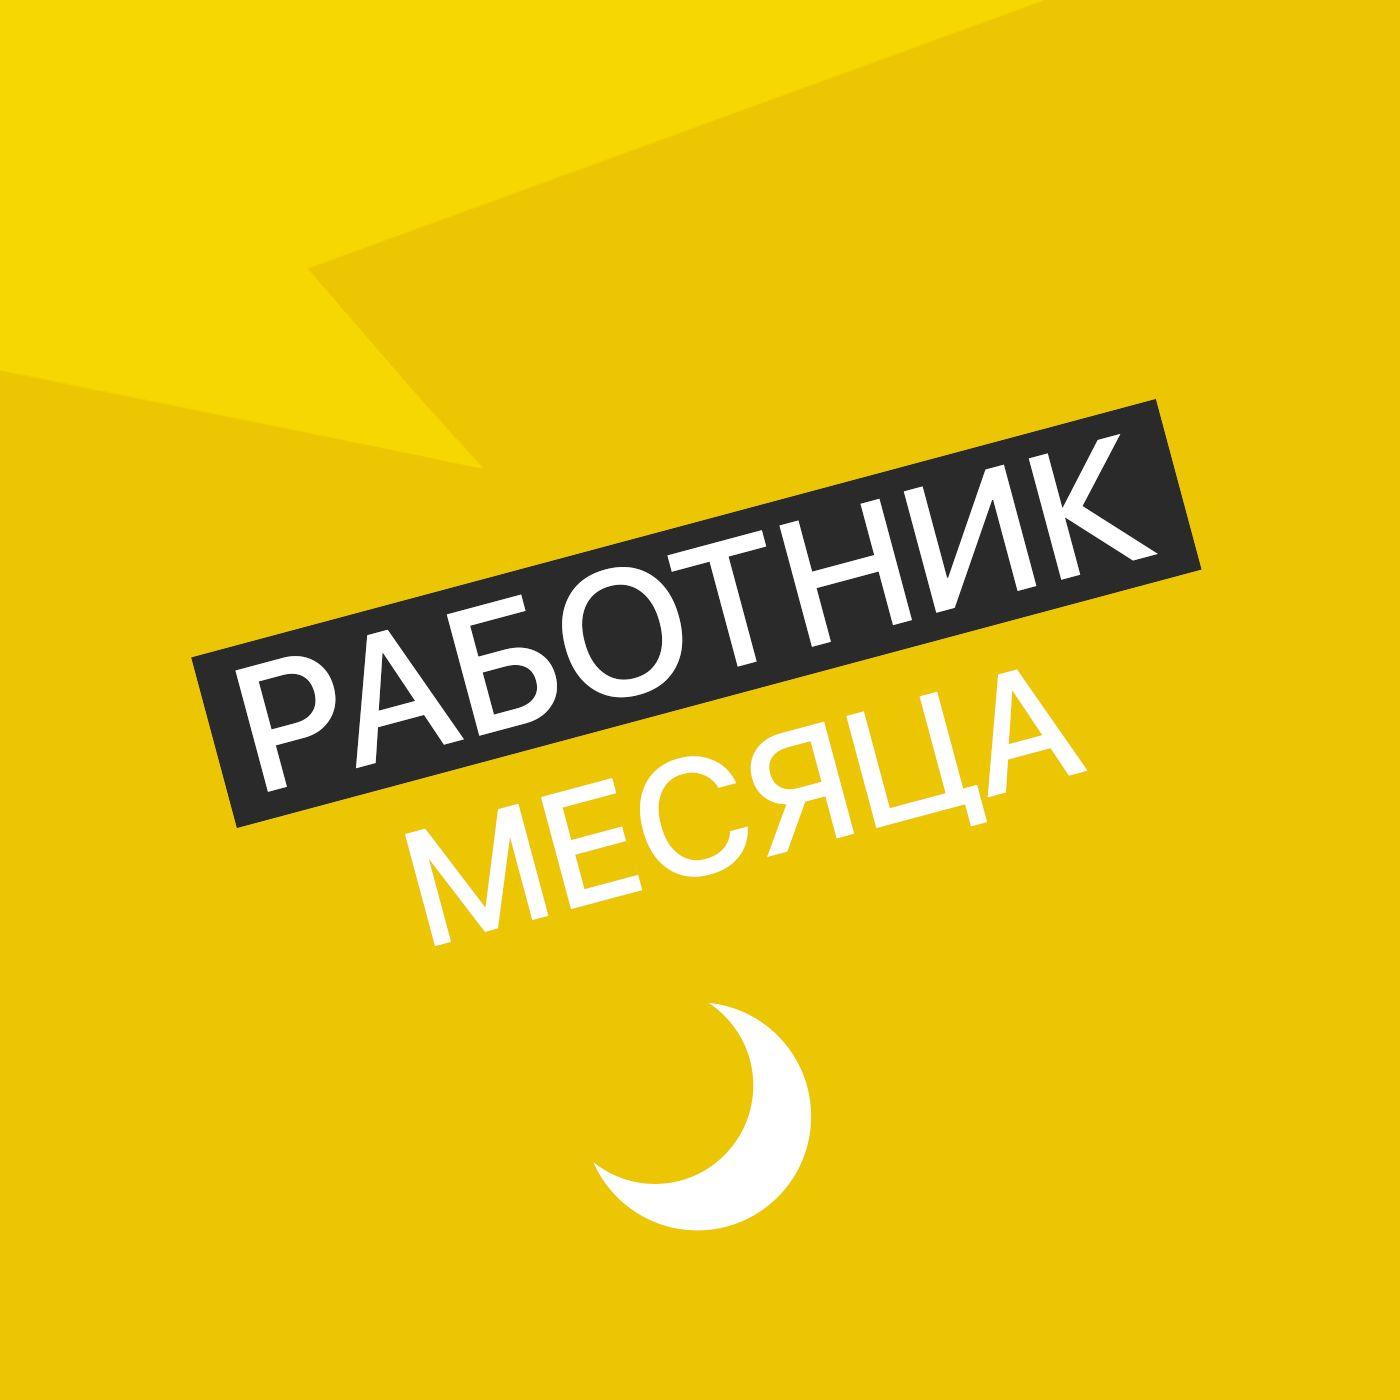 Творческий коллектив Mojomedia Частный детектив